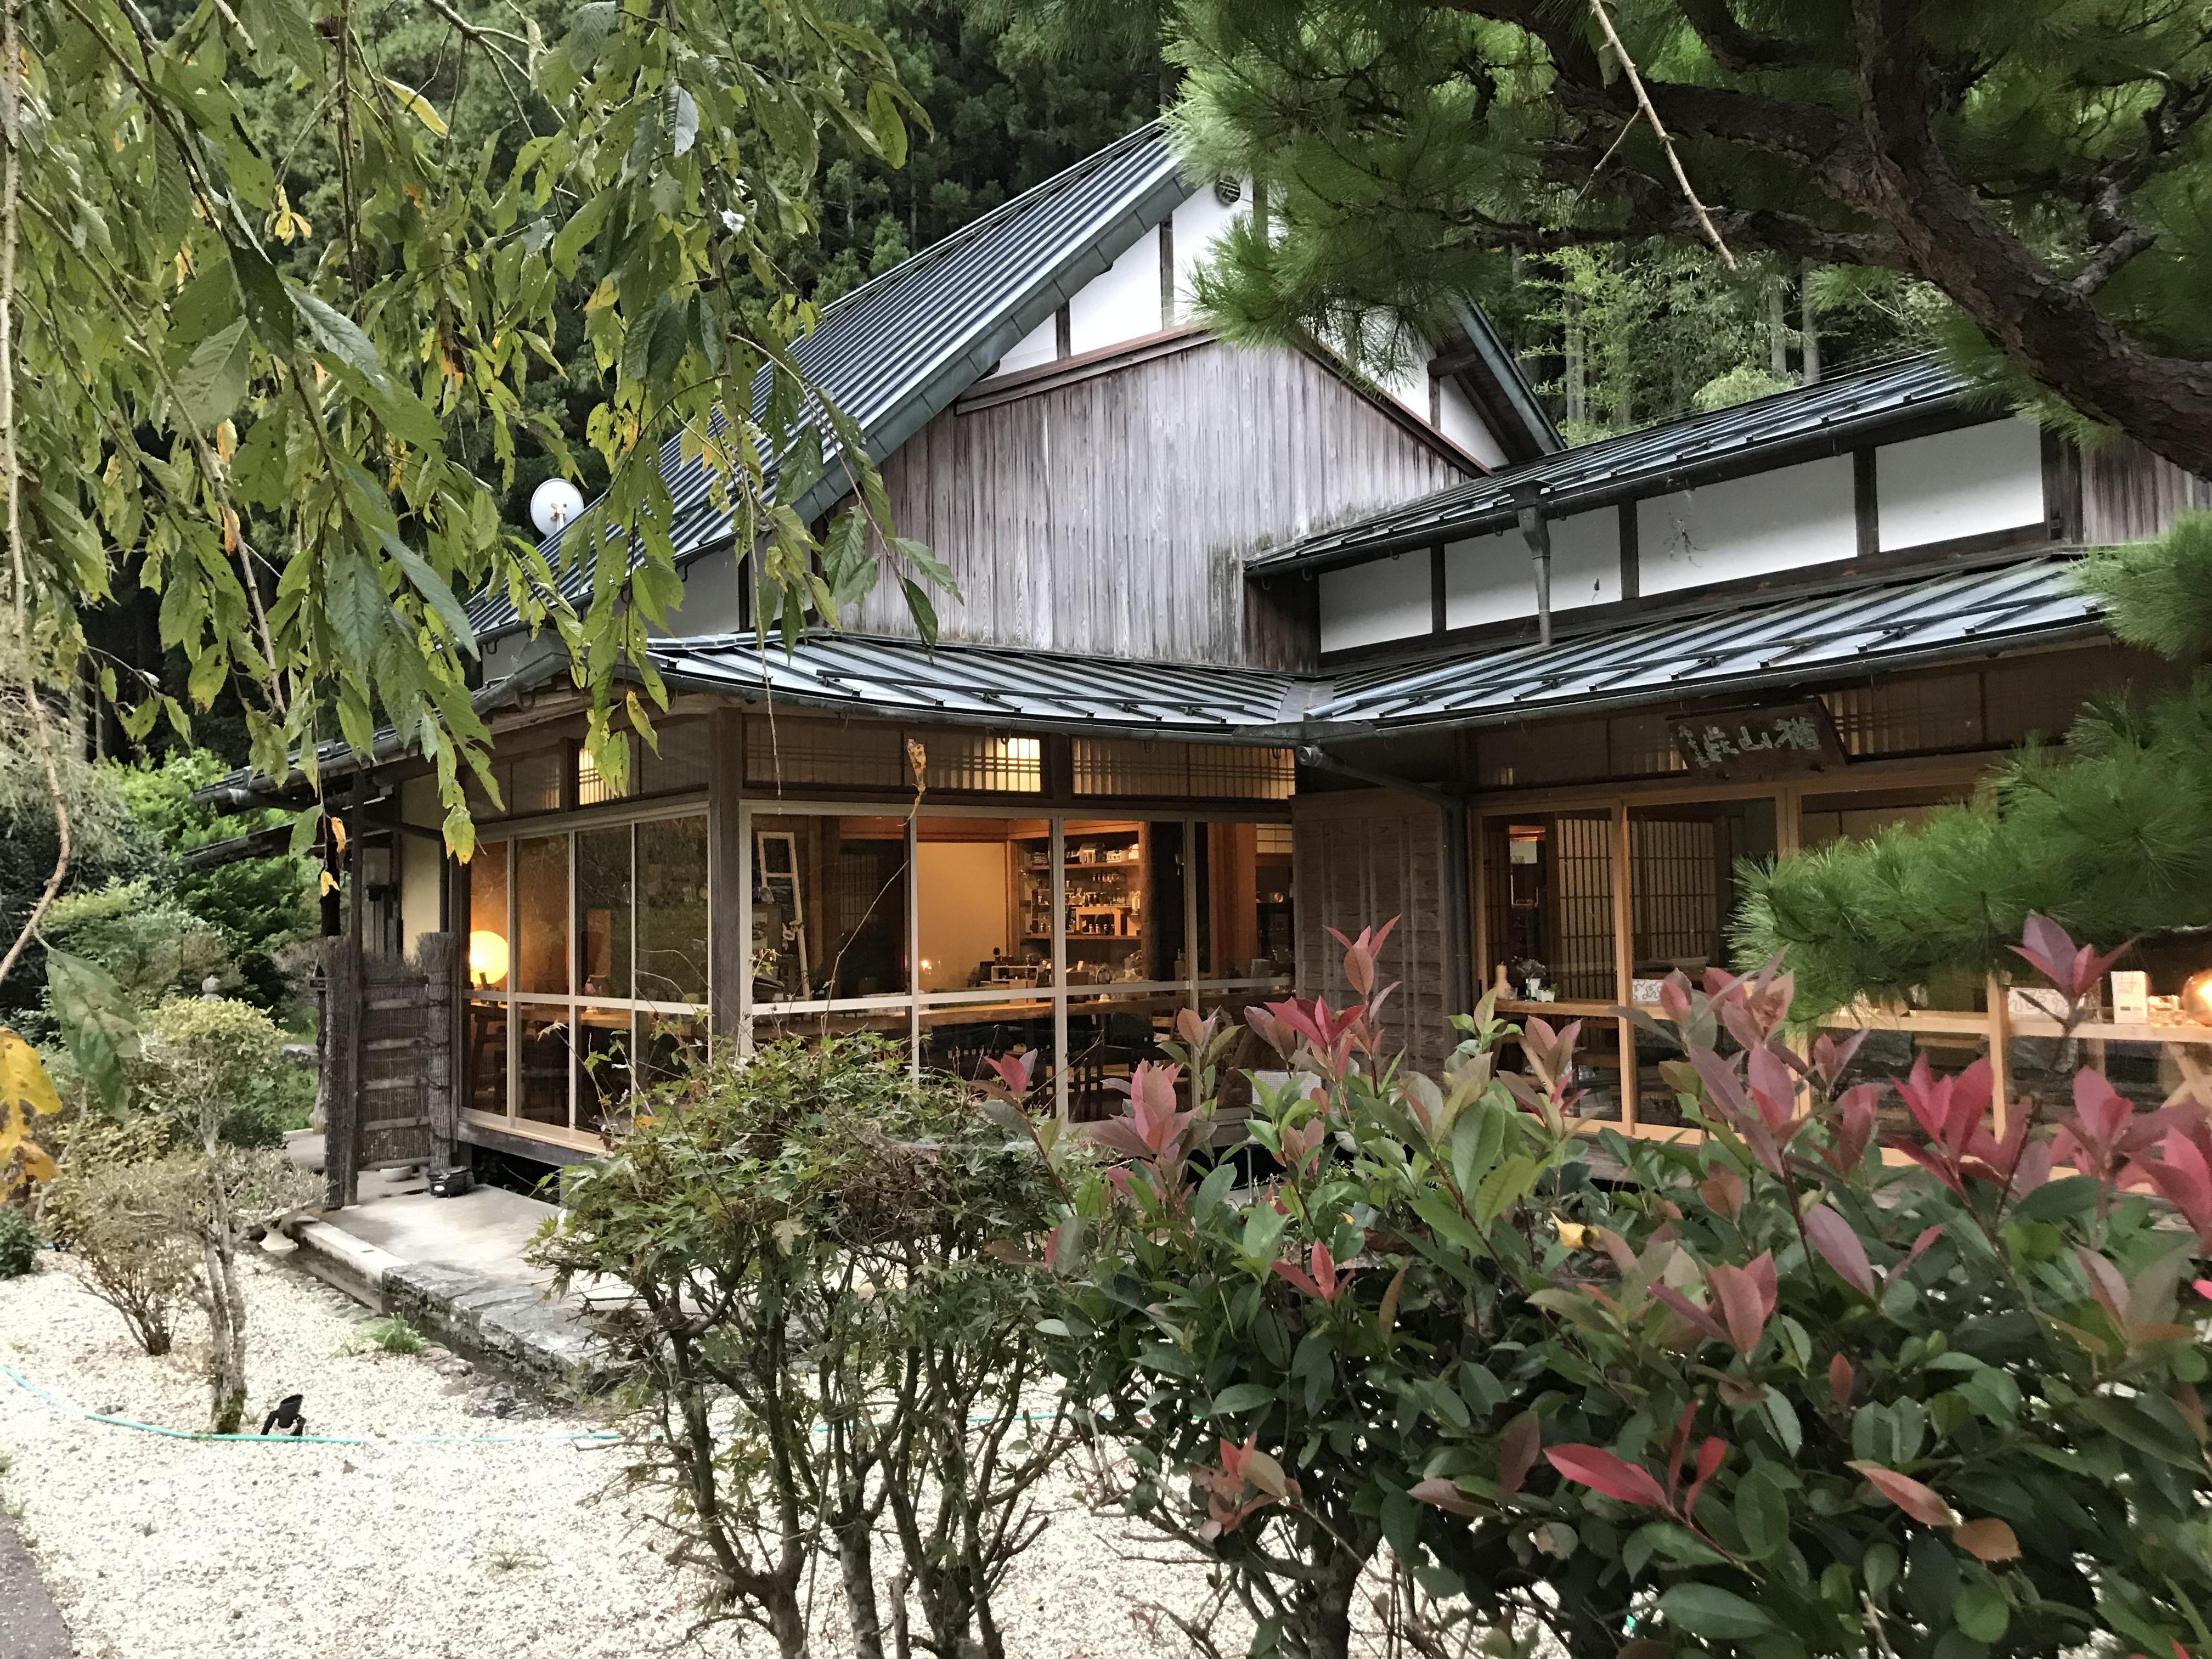 吉野で季節のコンフィチュールをつくる 古民家レストラン『リストランテナラヤマソウ』~旬なトマトのコンフィチュール~